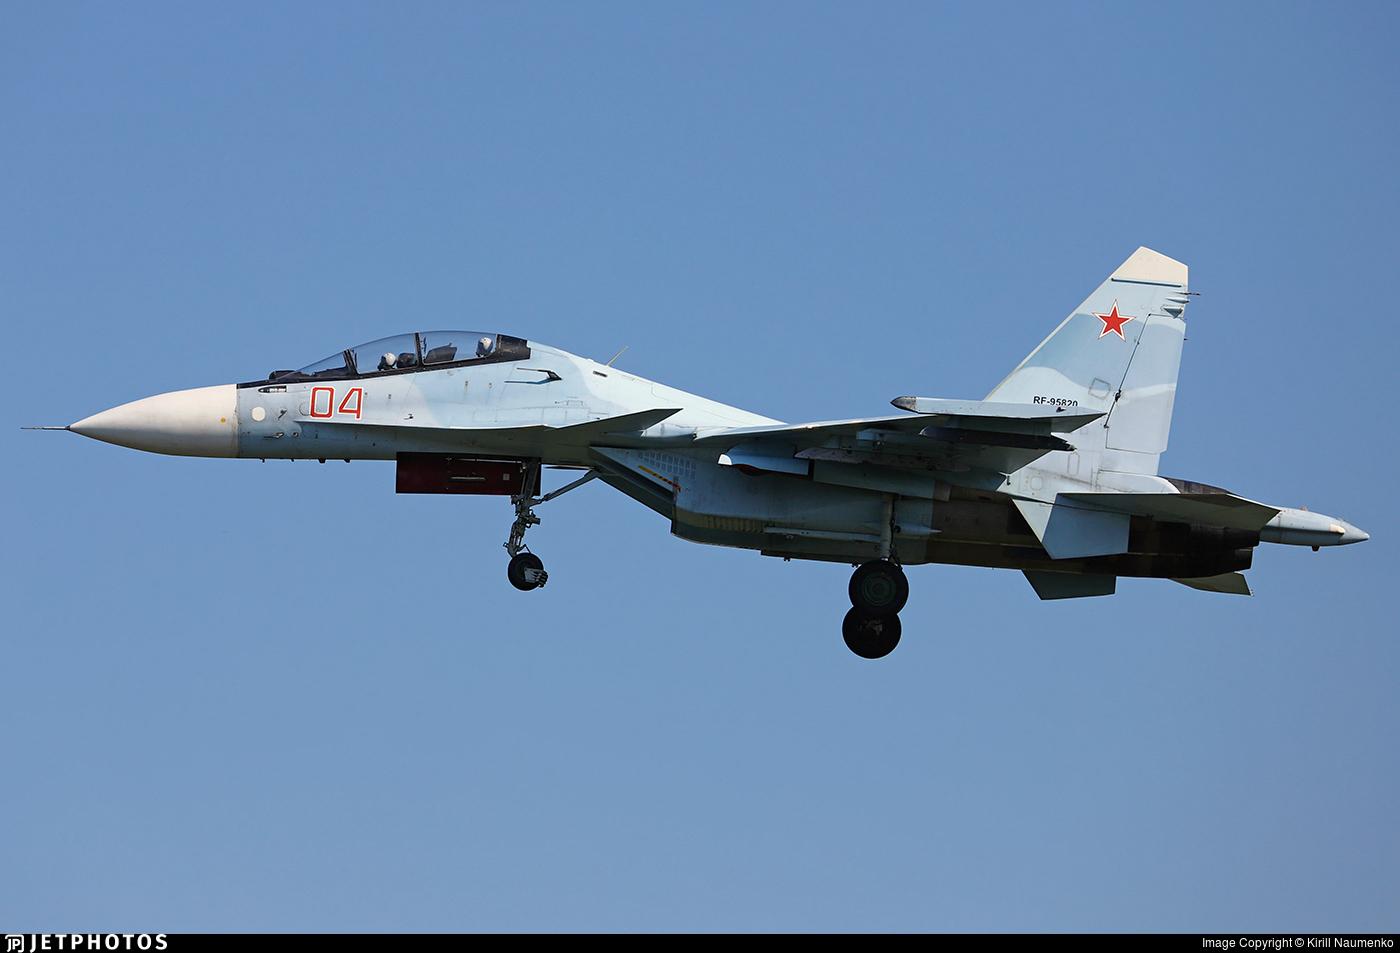 RF-95820 - Sukhoi Su-30SM - Russia - Air Force